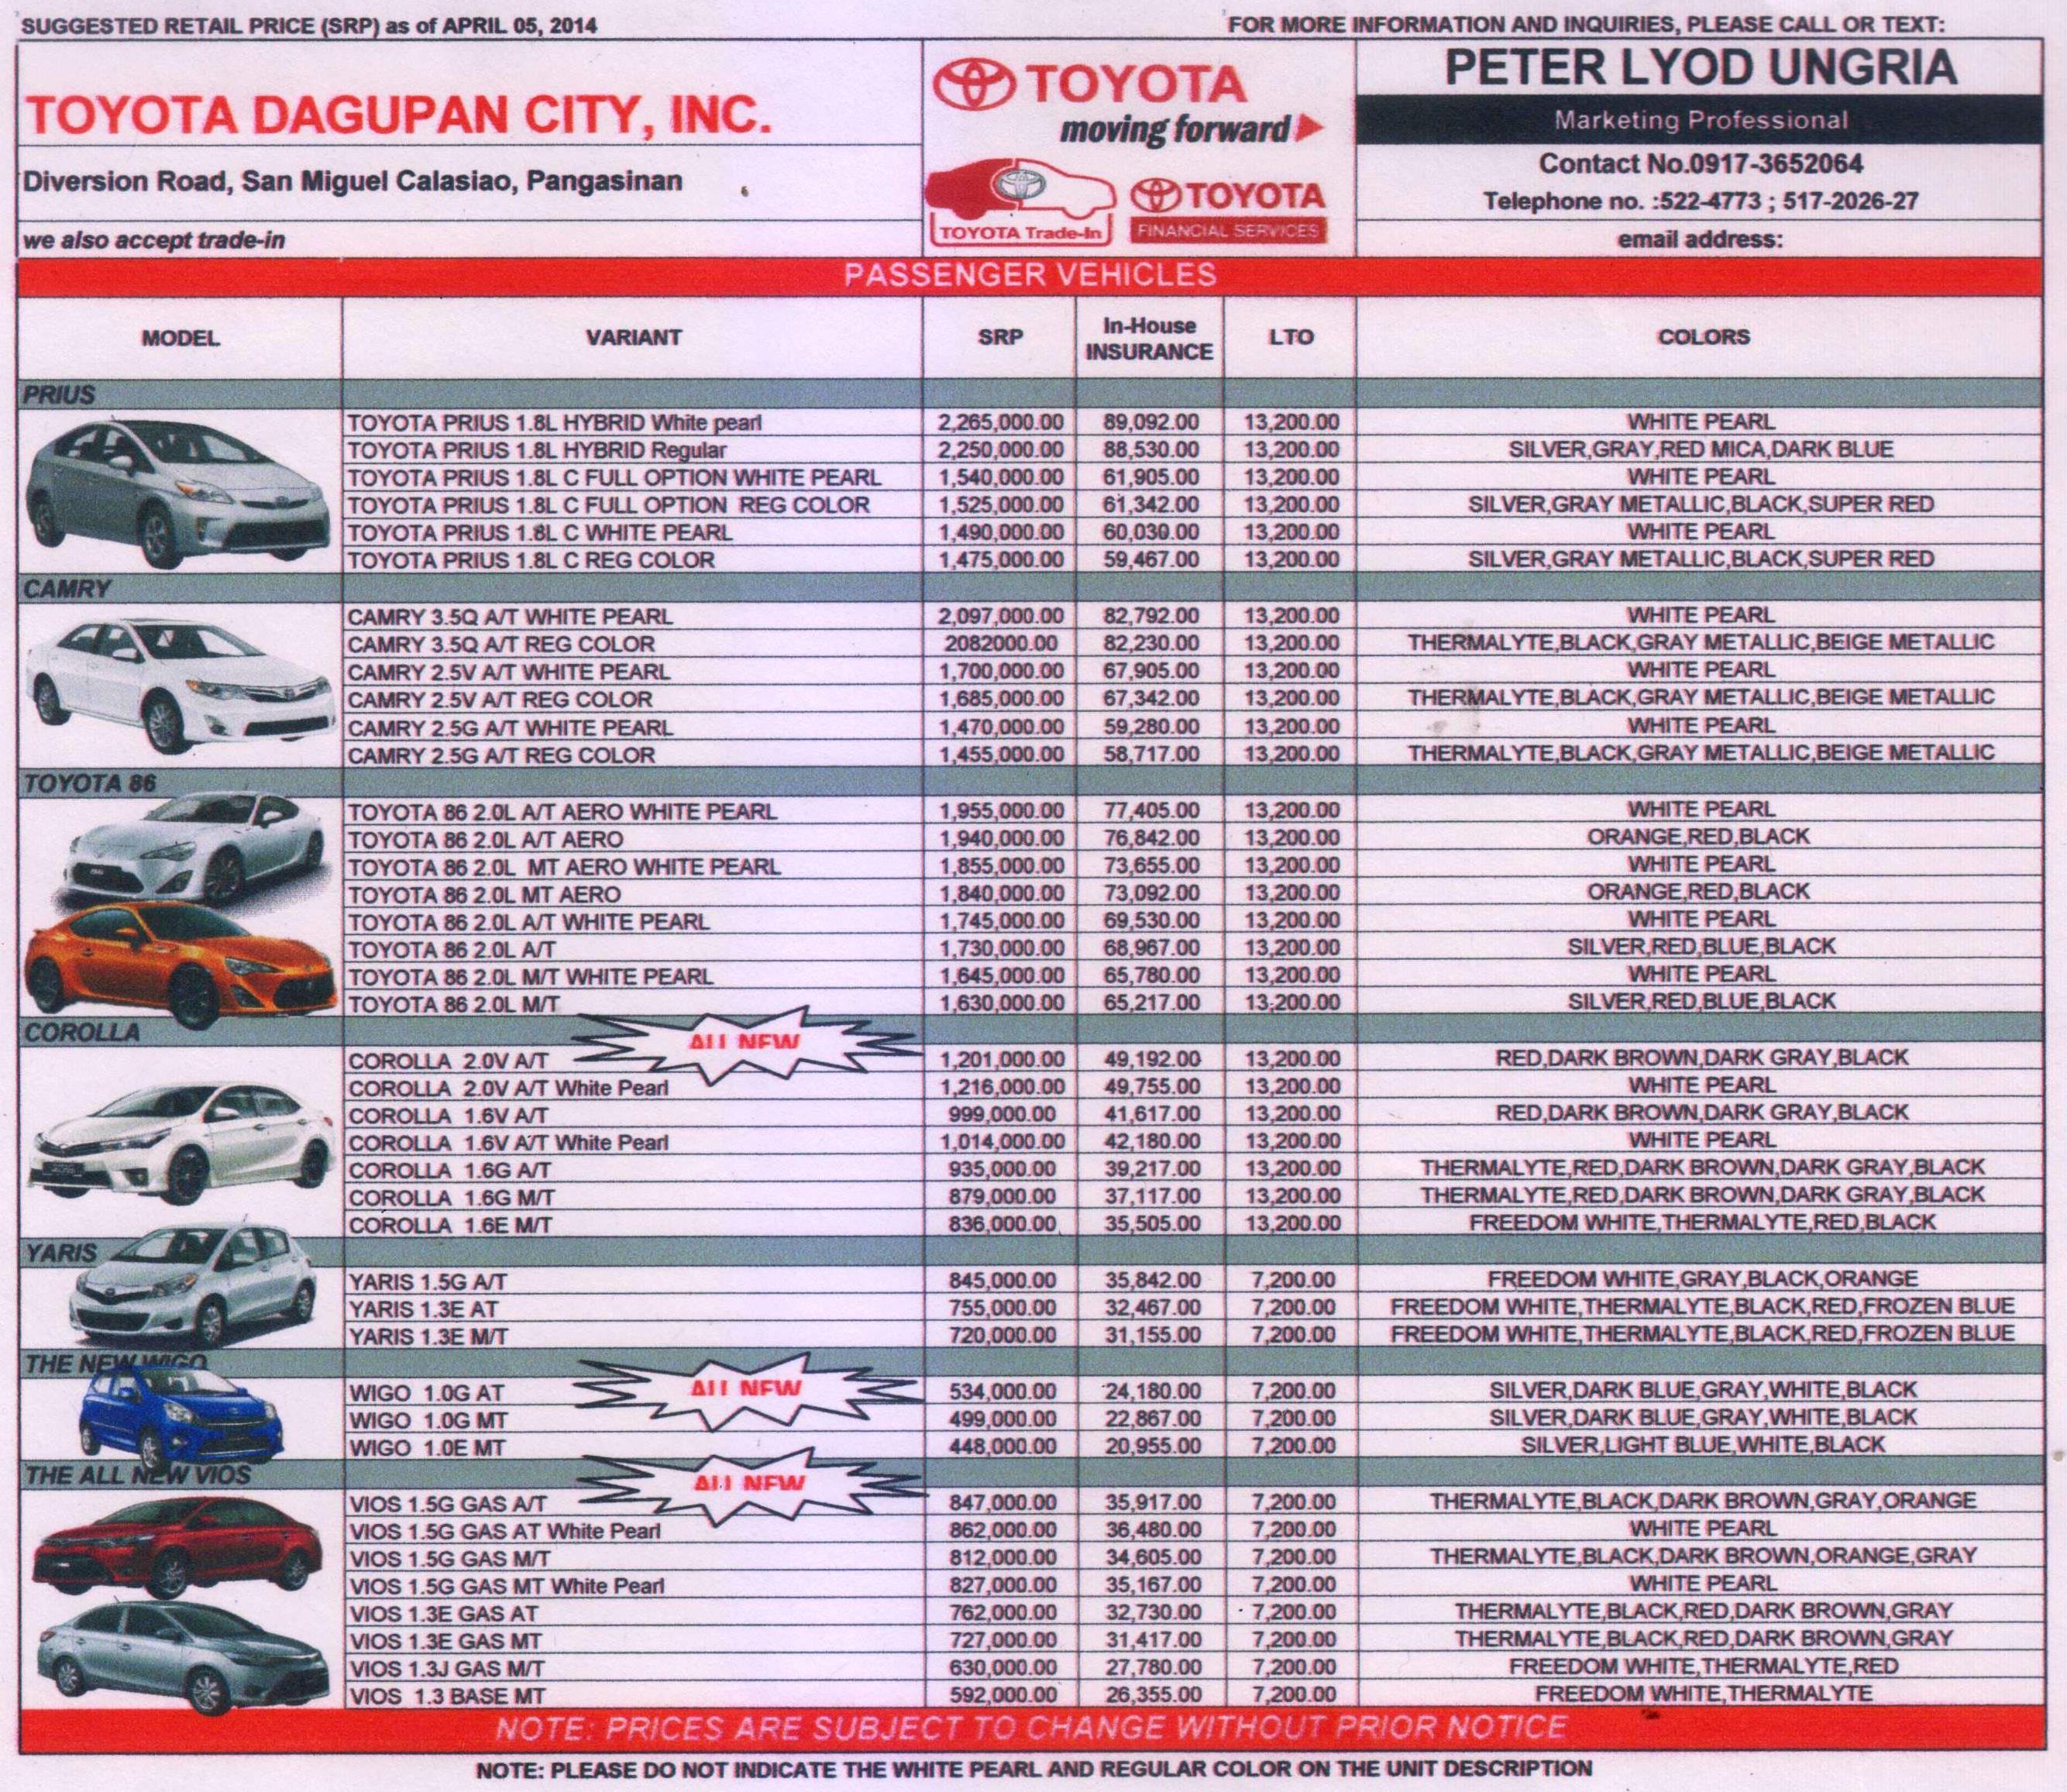 toyota dagupan price list | toyota dagupan city, inc.